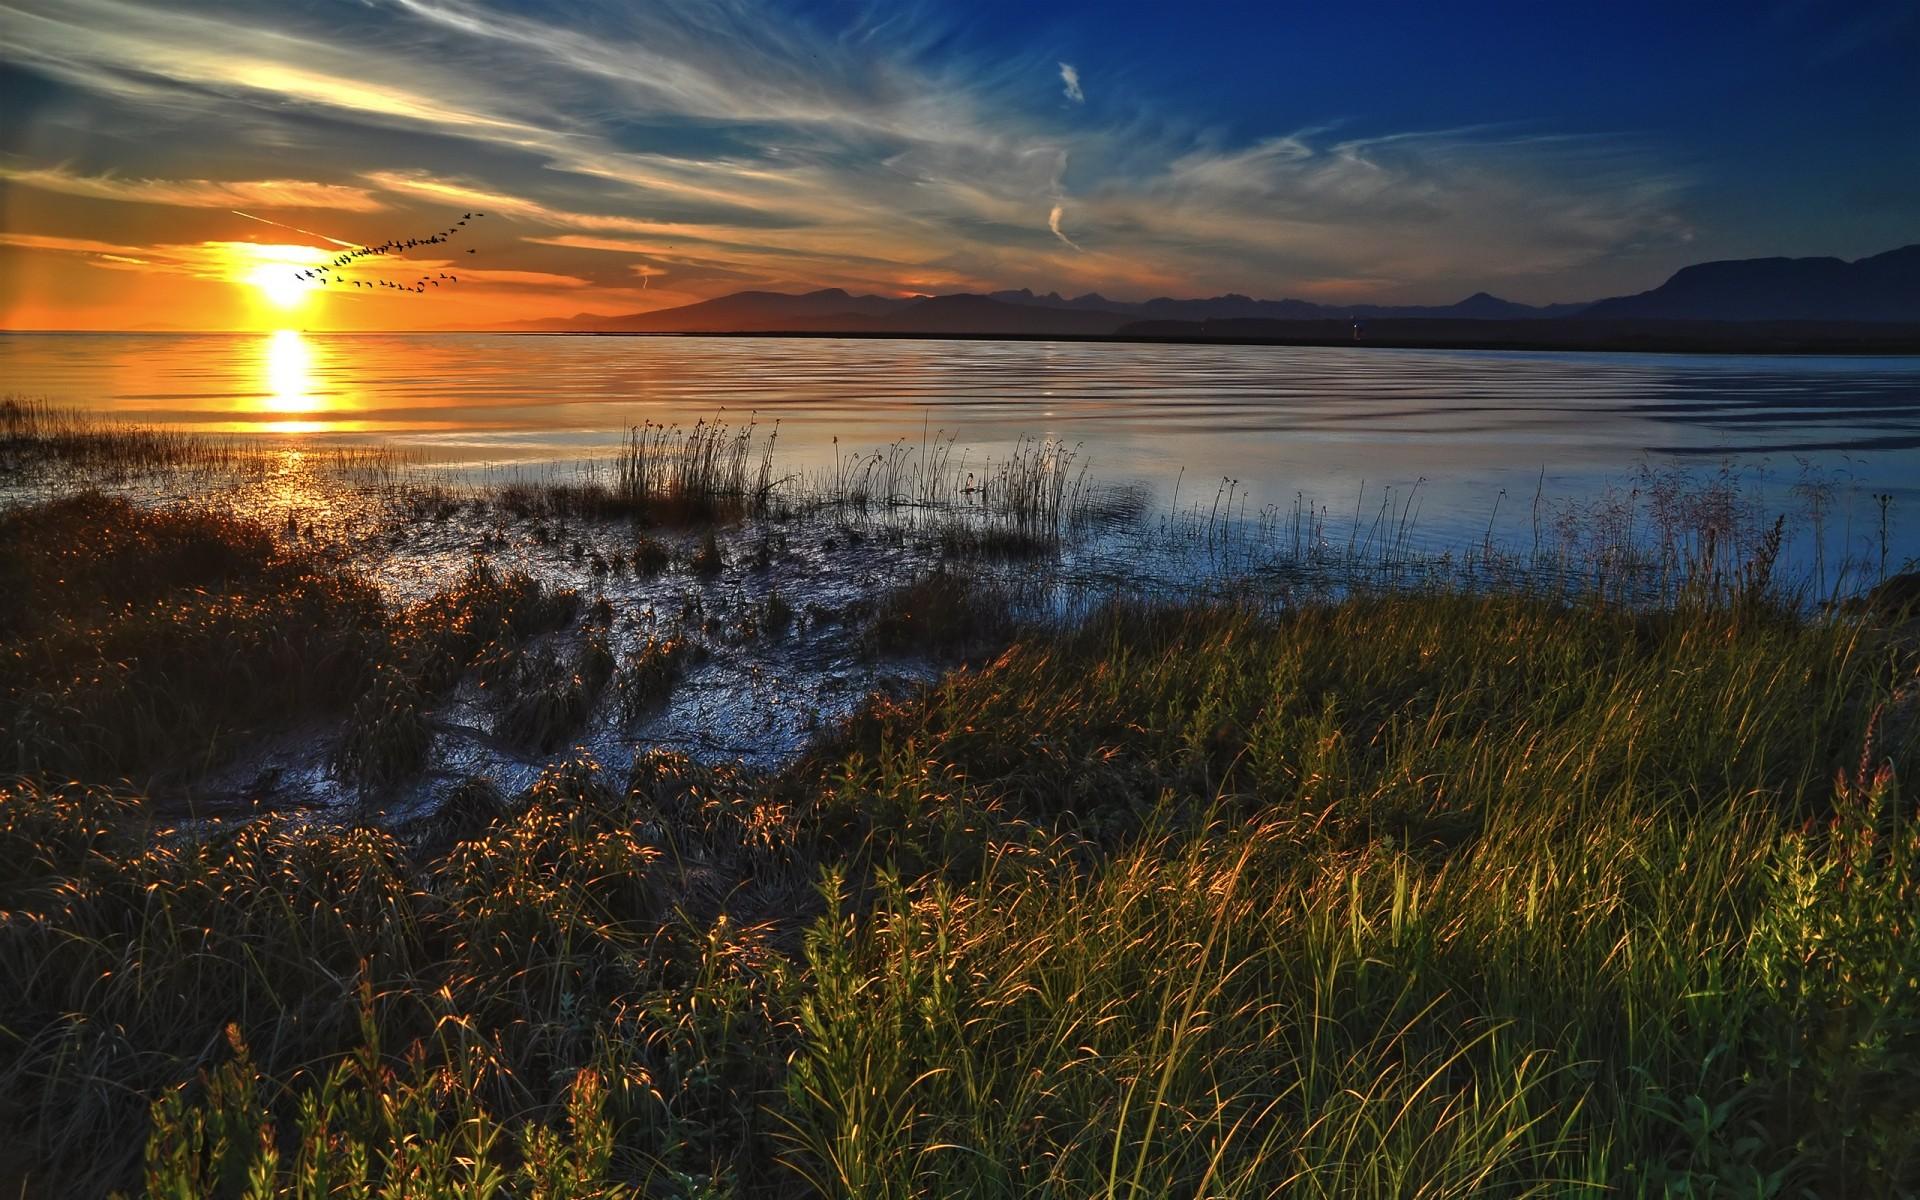 степь дом закат озеро трава бесплатно